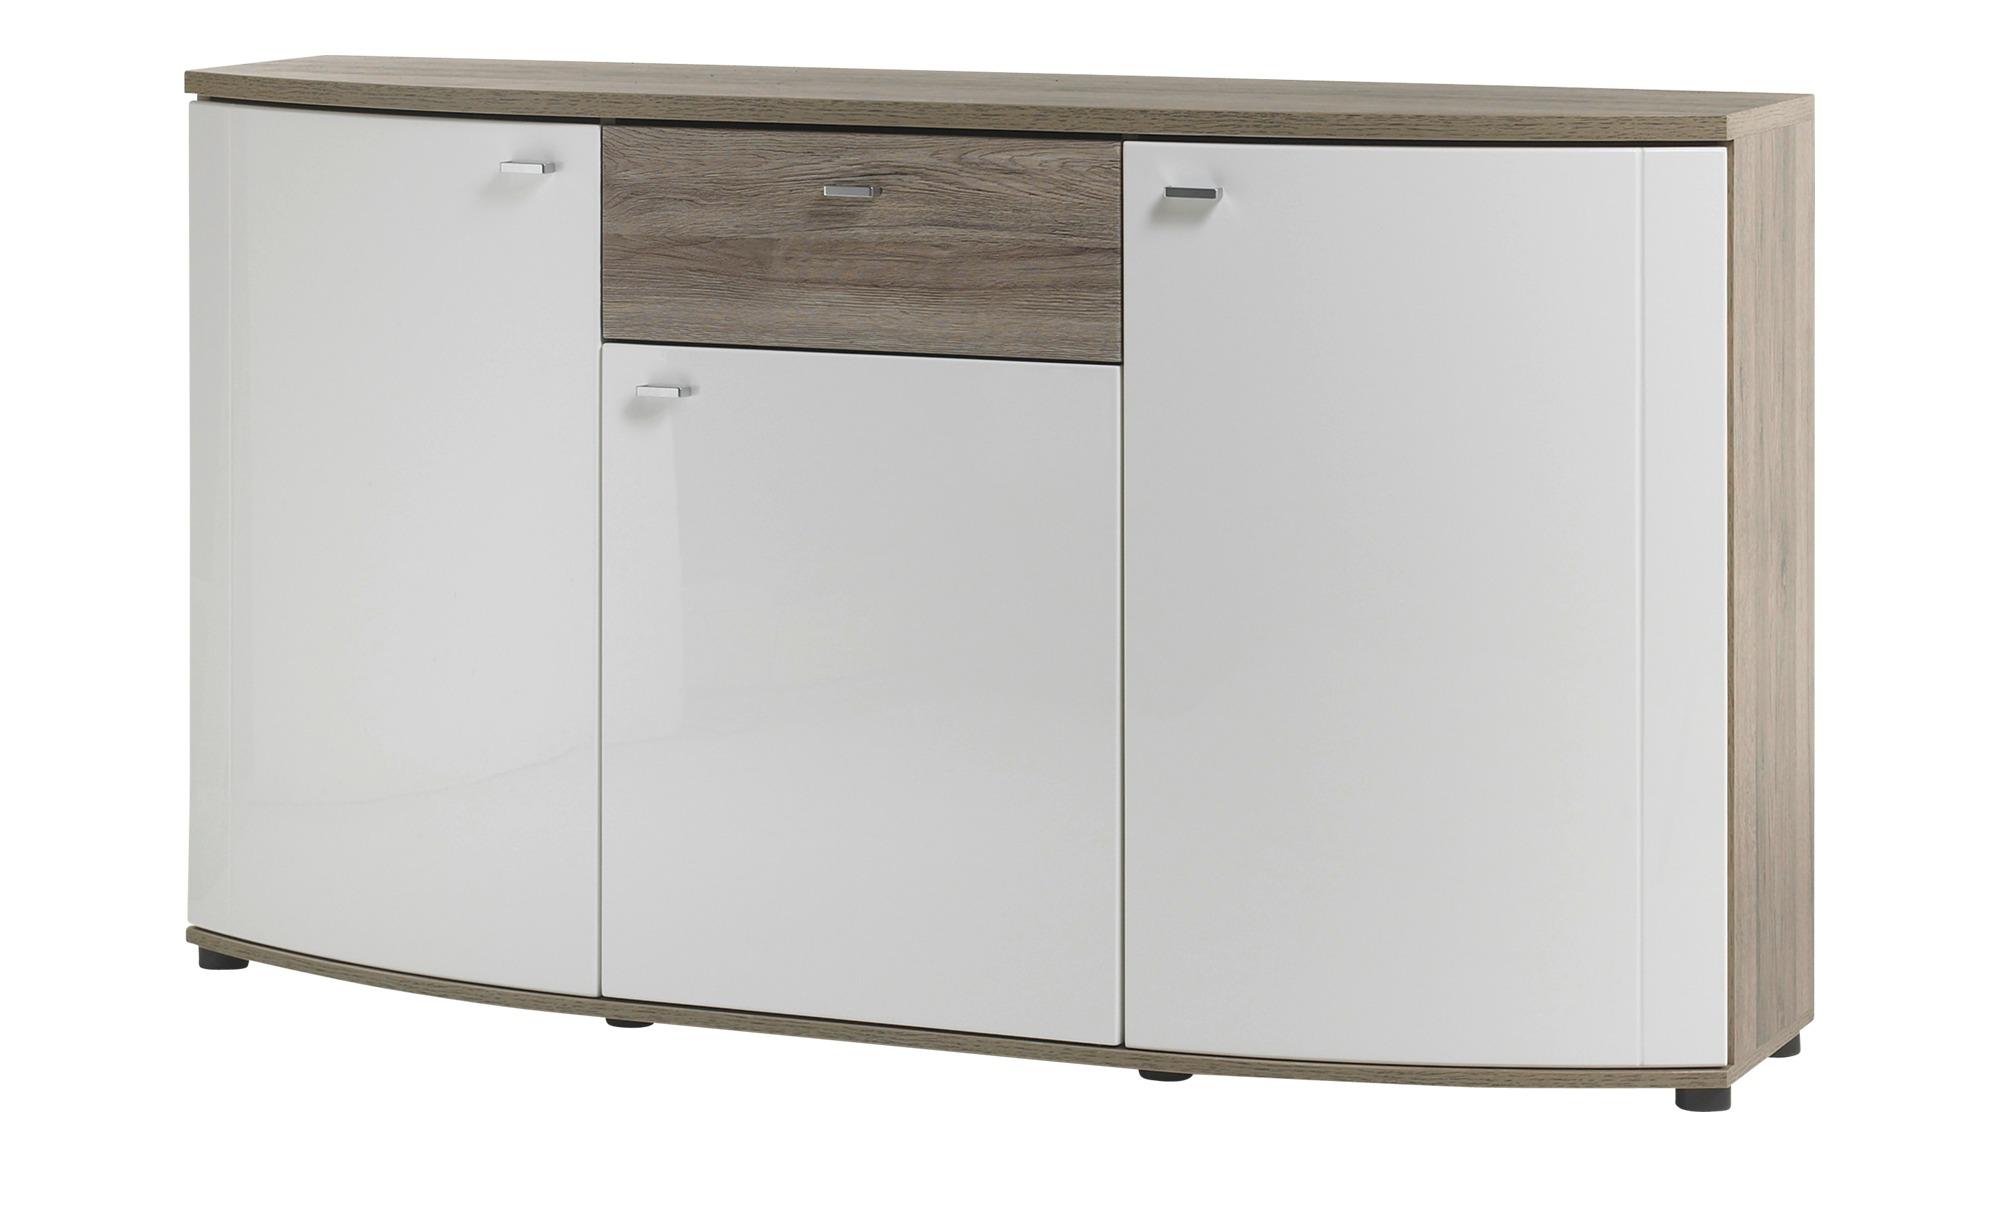 Sideboard Modena Breite: 160 Cm Höhe: 83 Cm Weiß Online